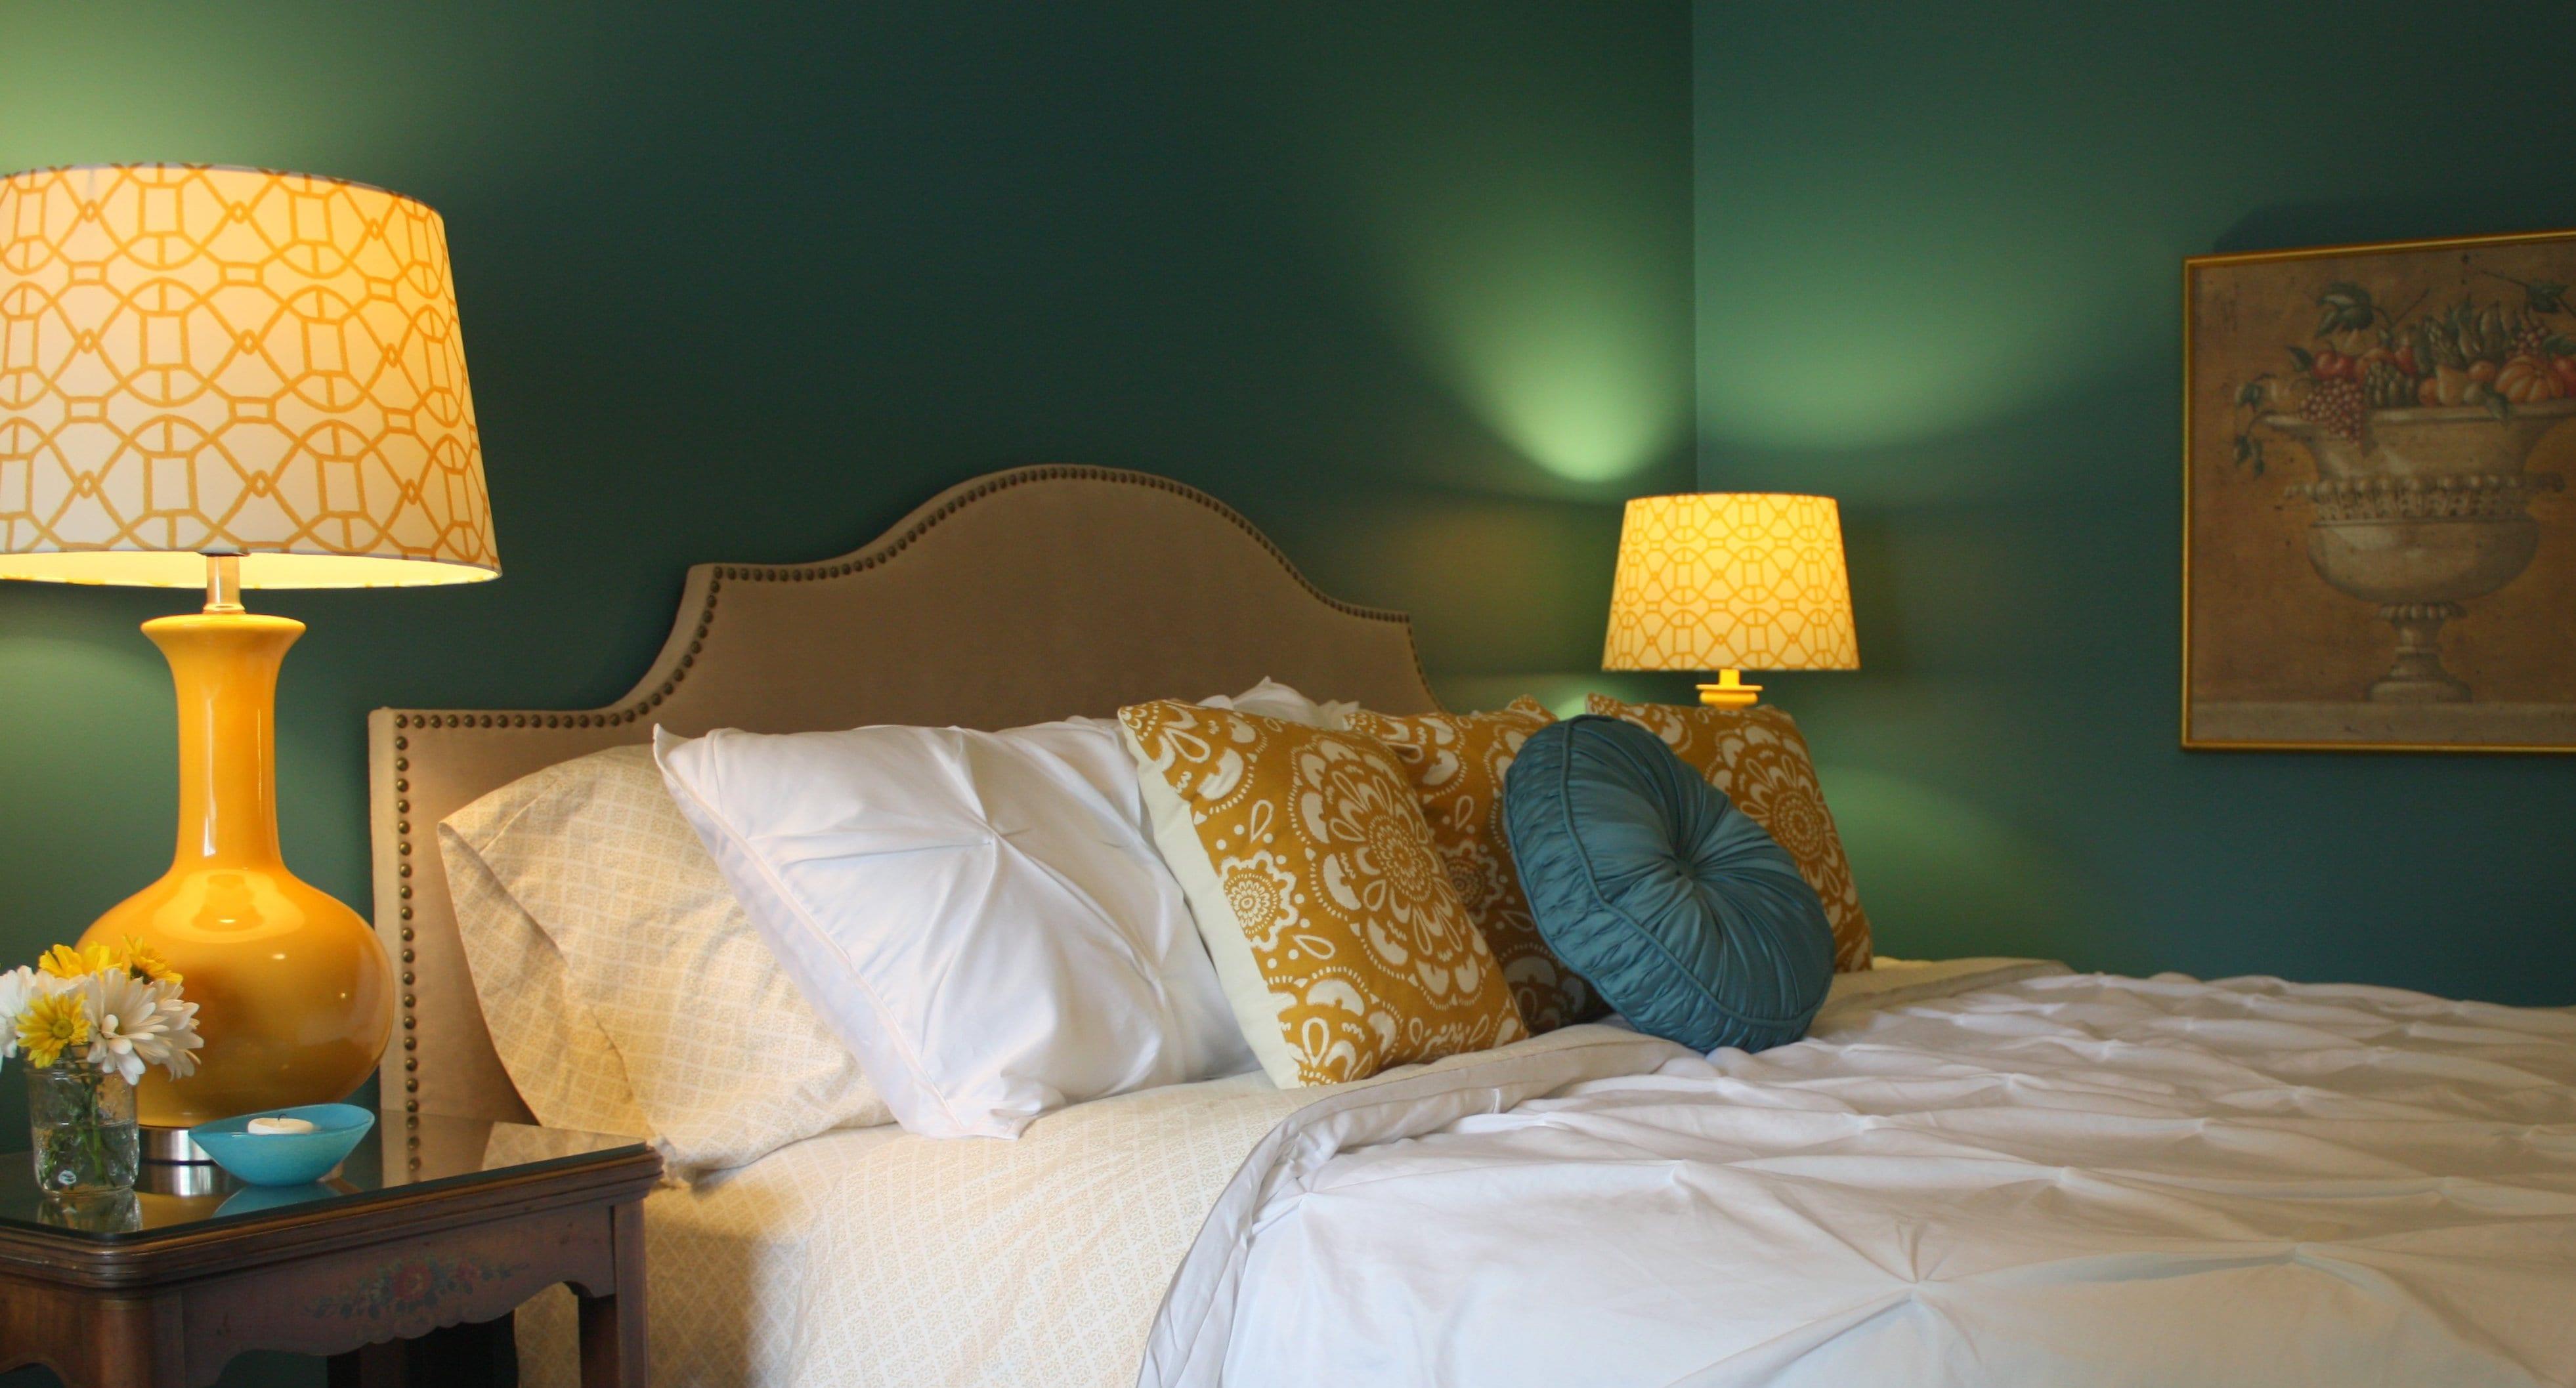 Wandfarbe gr n und gelbe nachttischlampen freshouse - Wandfarbe gelb ...